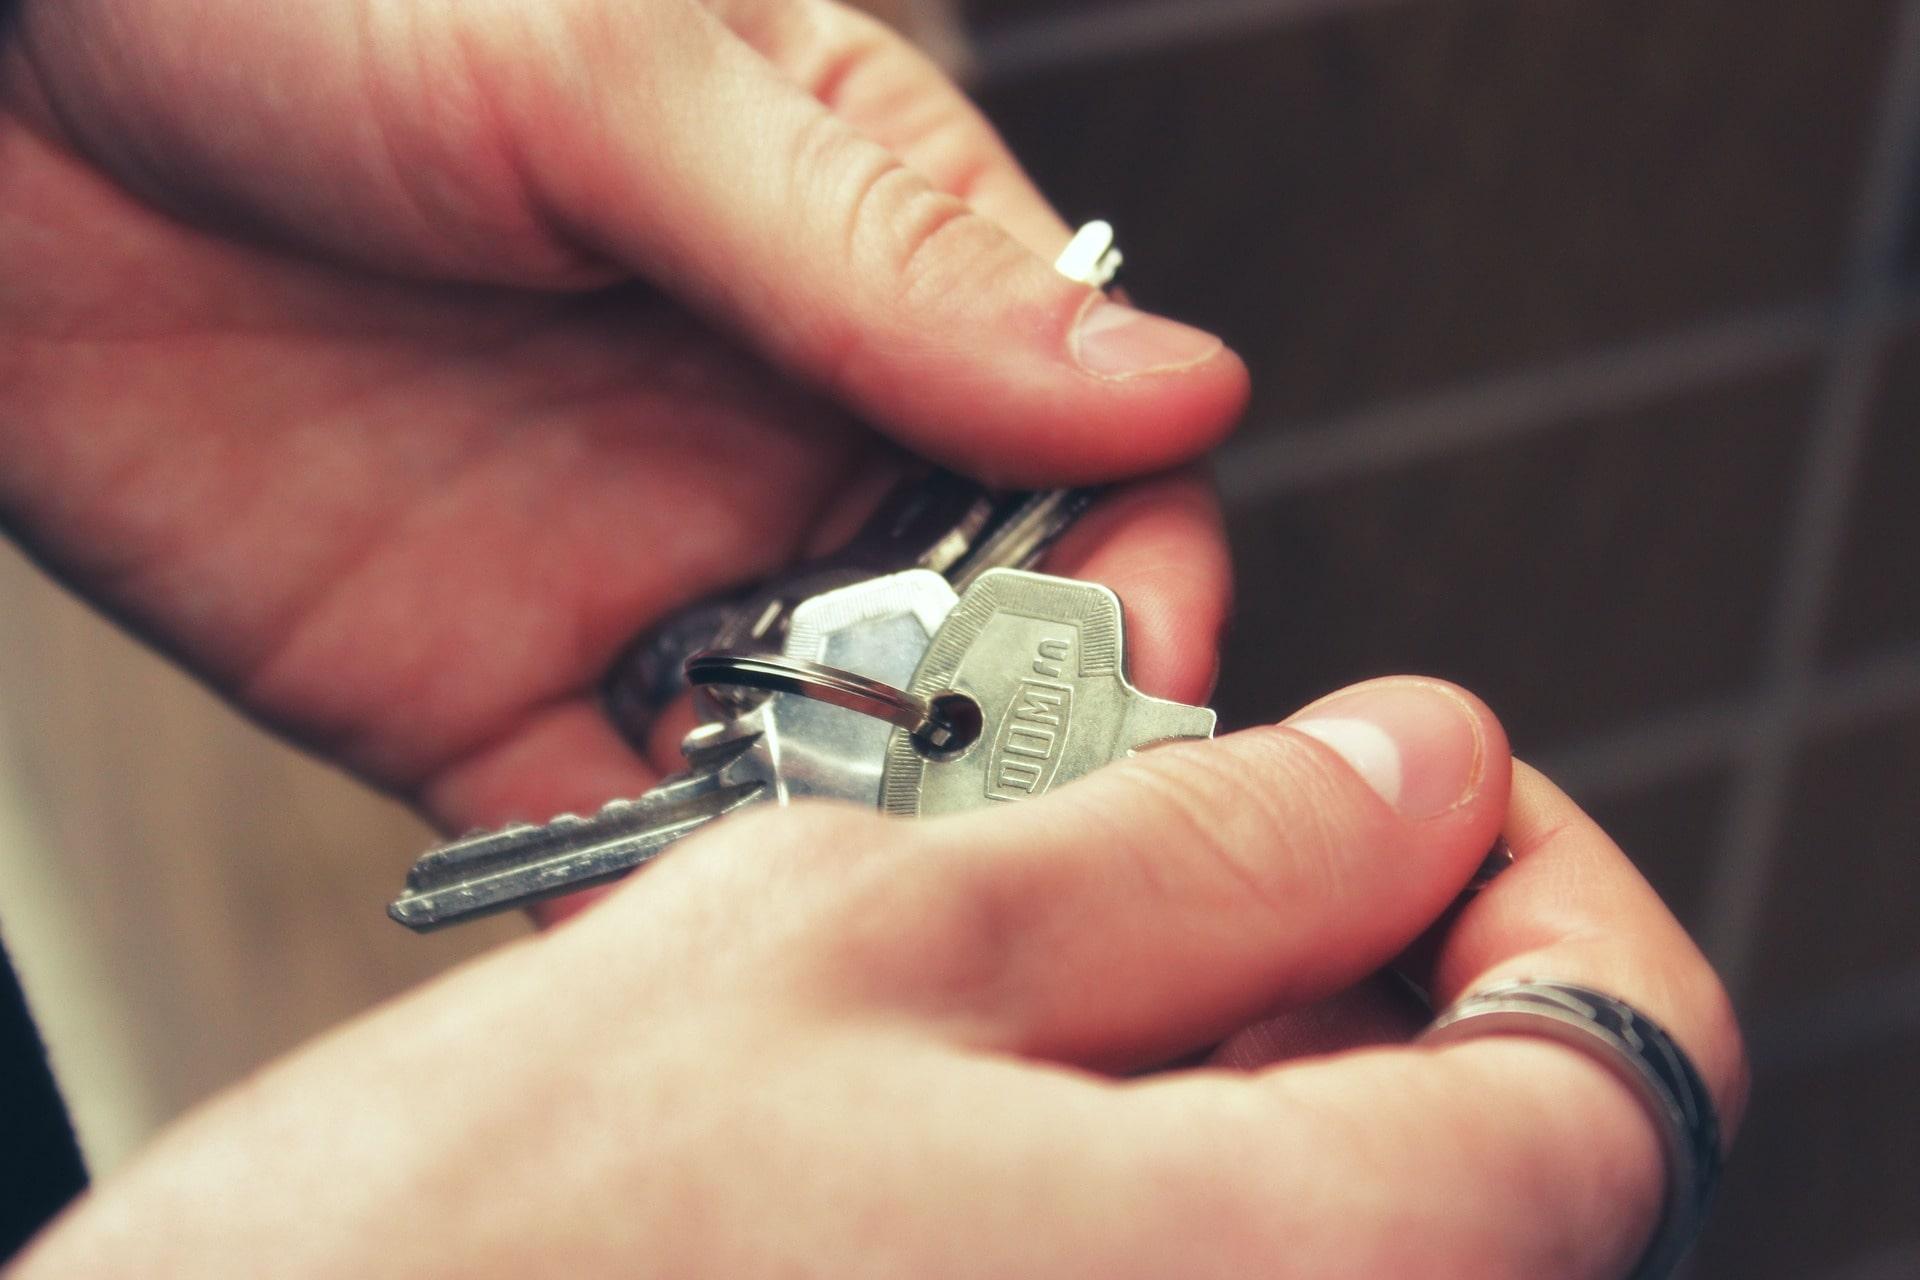 Gezocht: nieuwe eigenaar voor mijn probleem